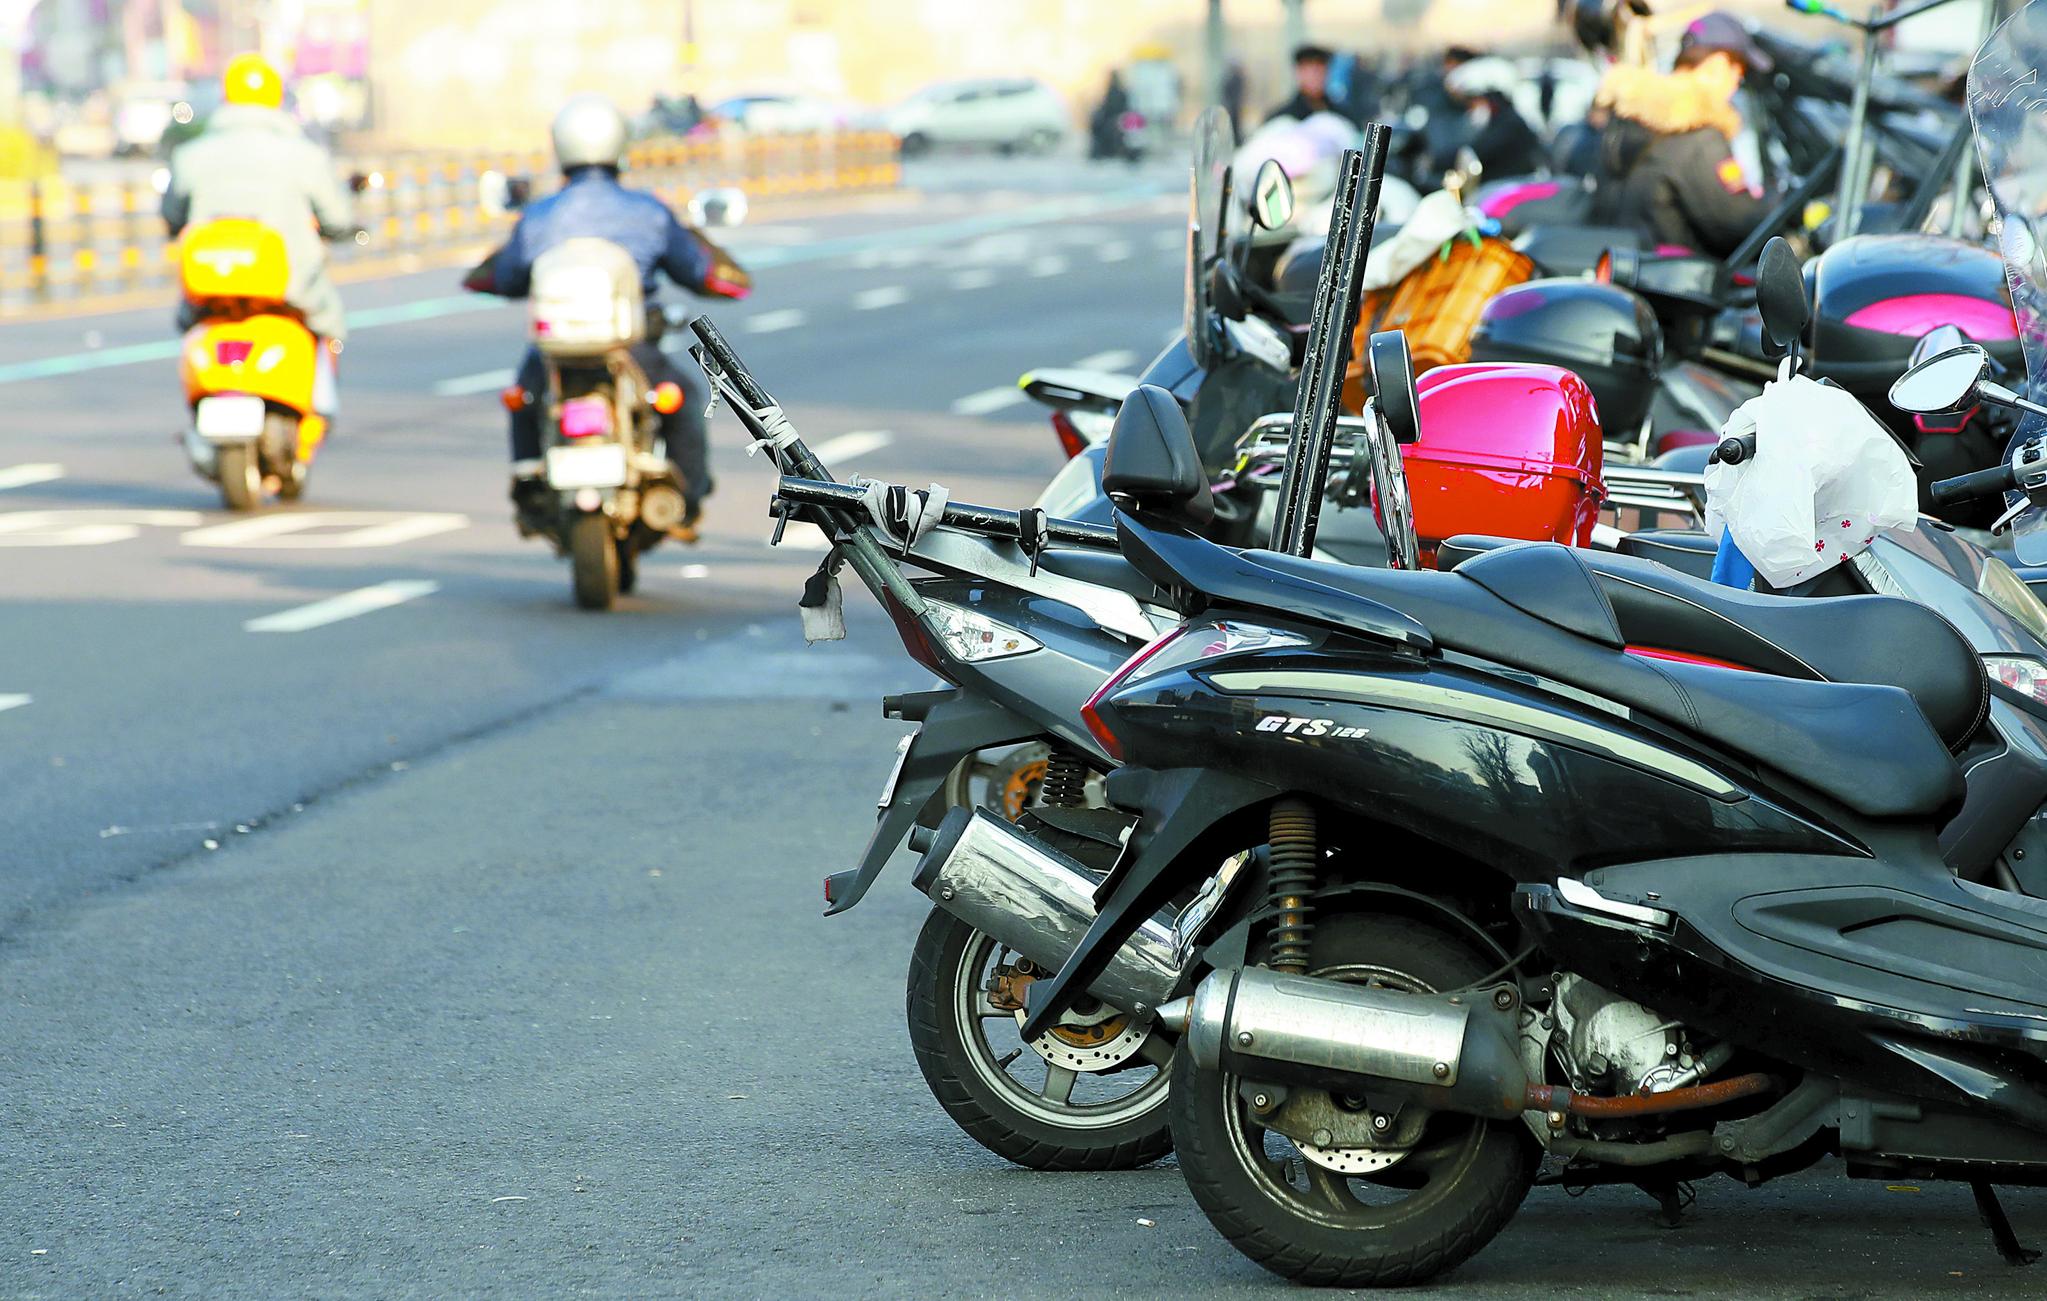 배달 오토바이가 크게 늘면서 교통사고도 증가하는 것으로 분석됐다. [연합뉴스]